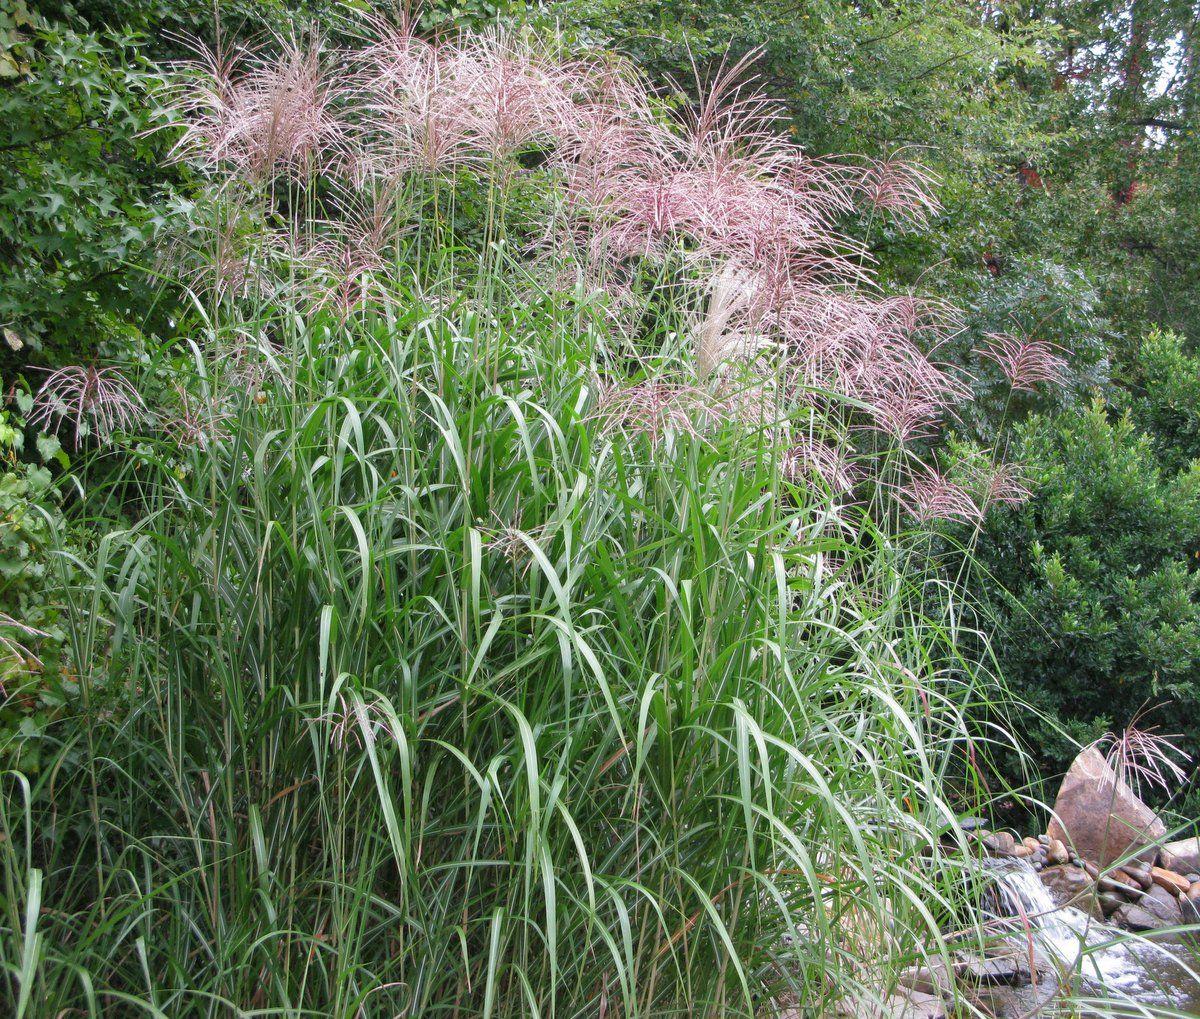 miscanthus giganteus als Kübelpflanze und Sichtschutz geeignet